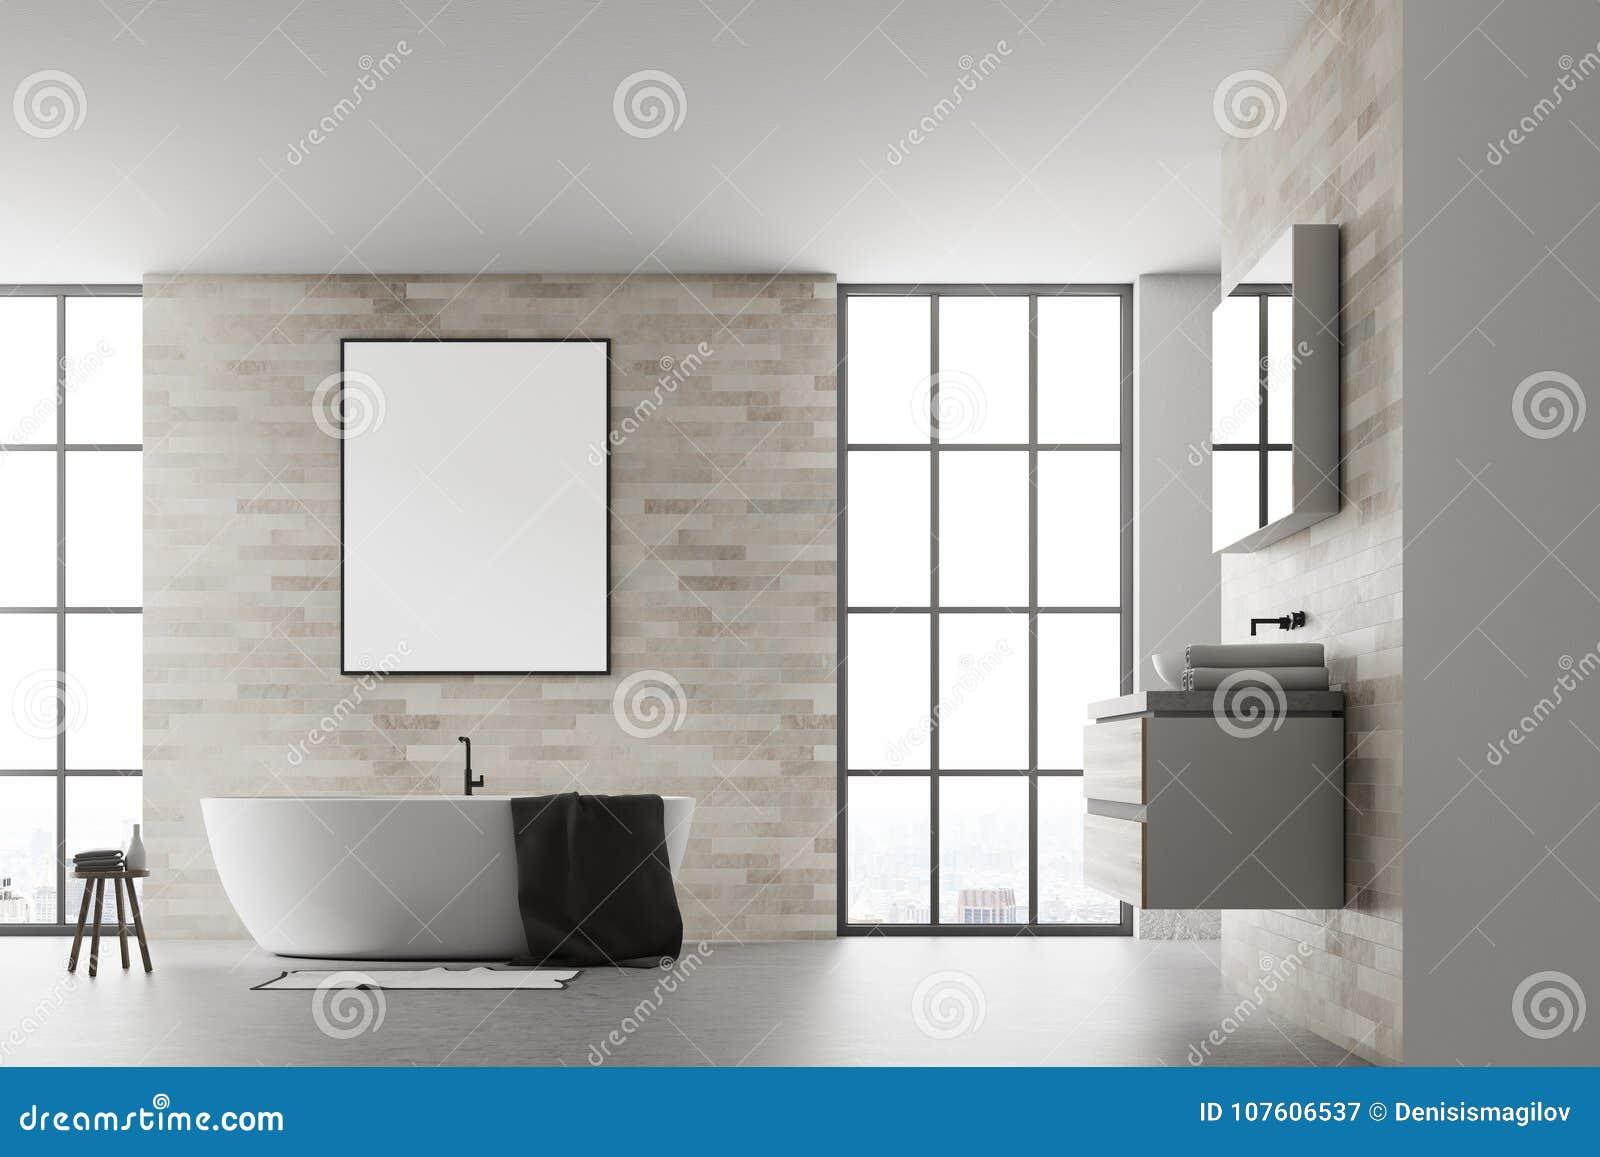 Blanco Interior Del Cartel Del Cuarto De Baño Moderno Stock de ...